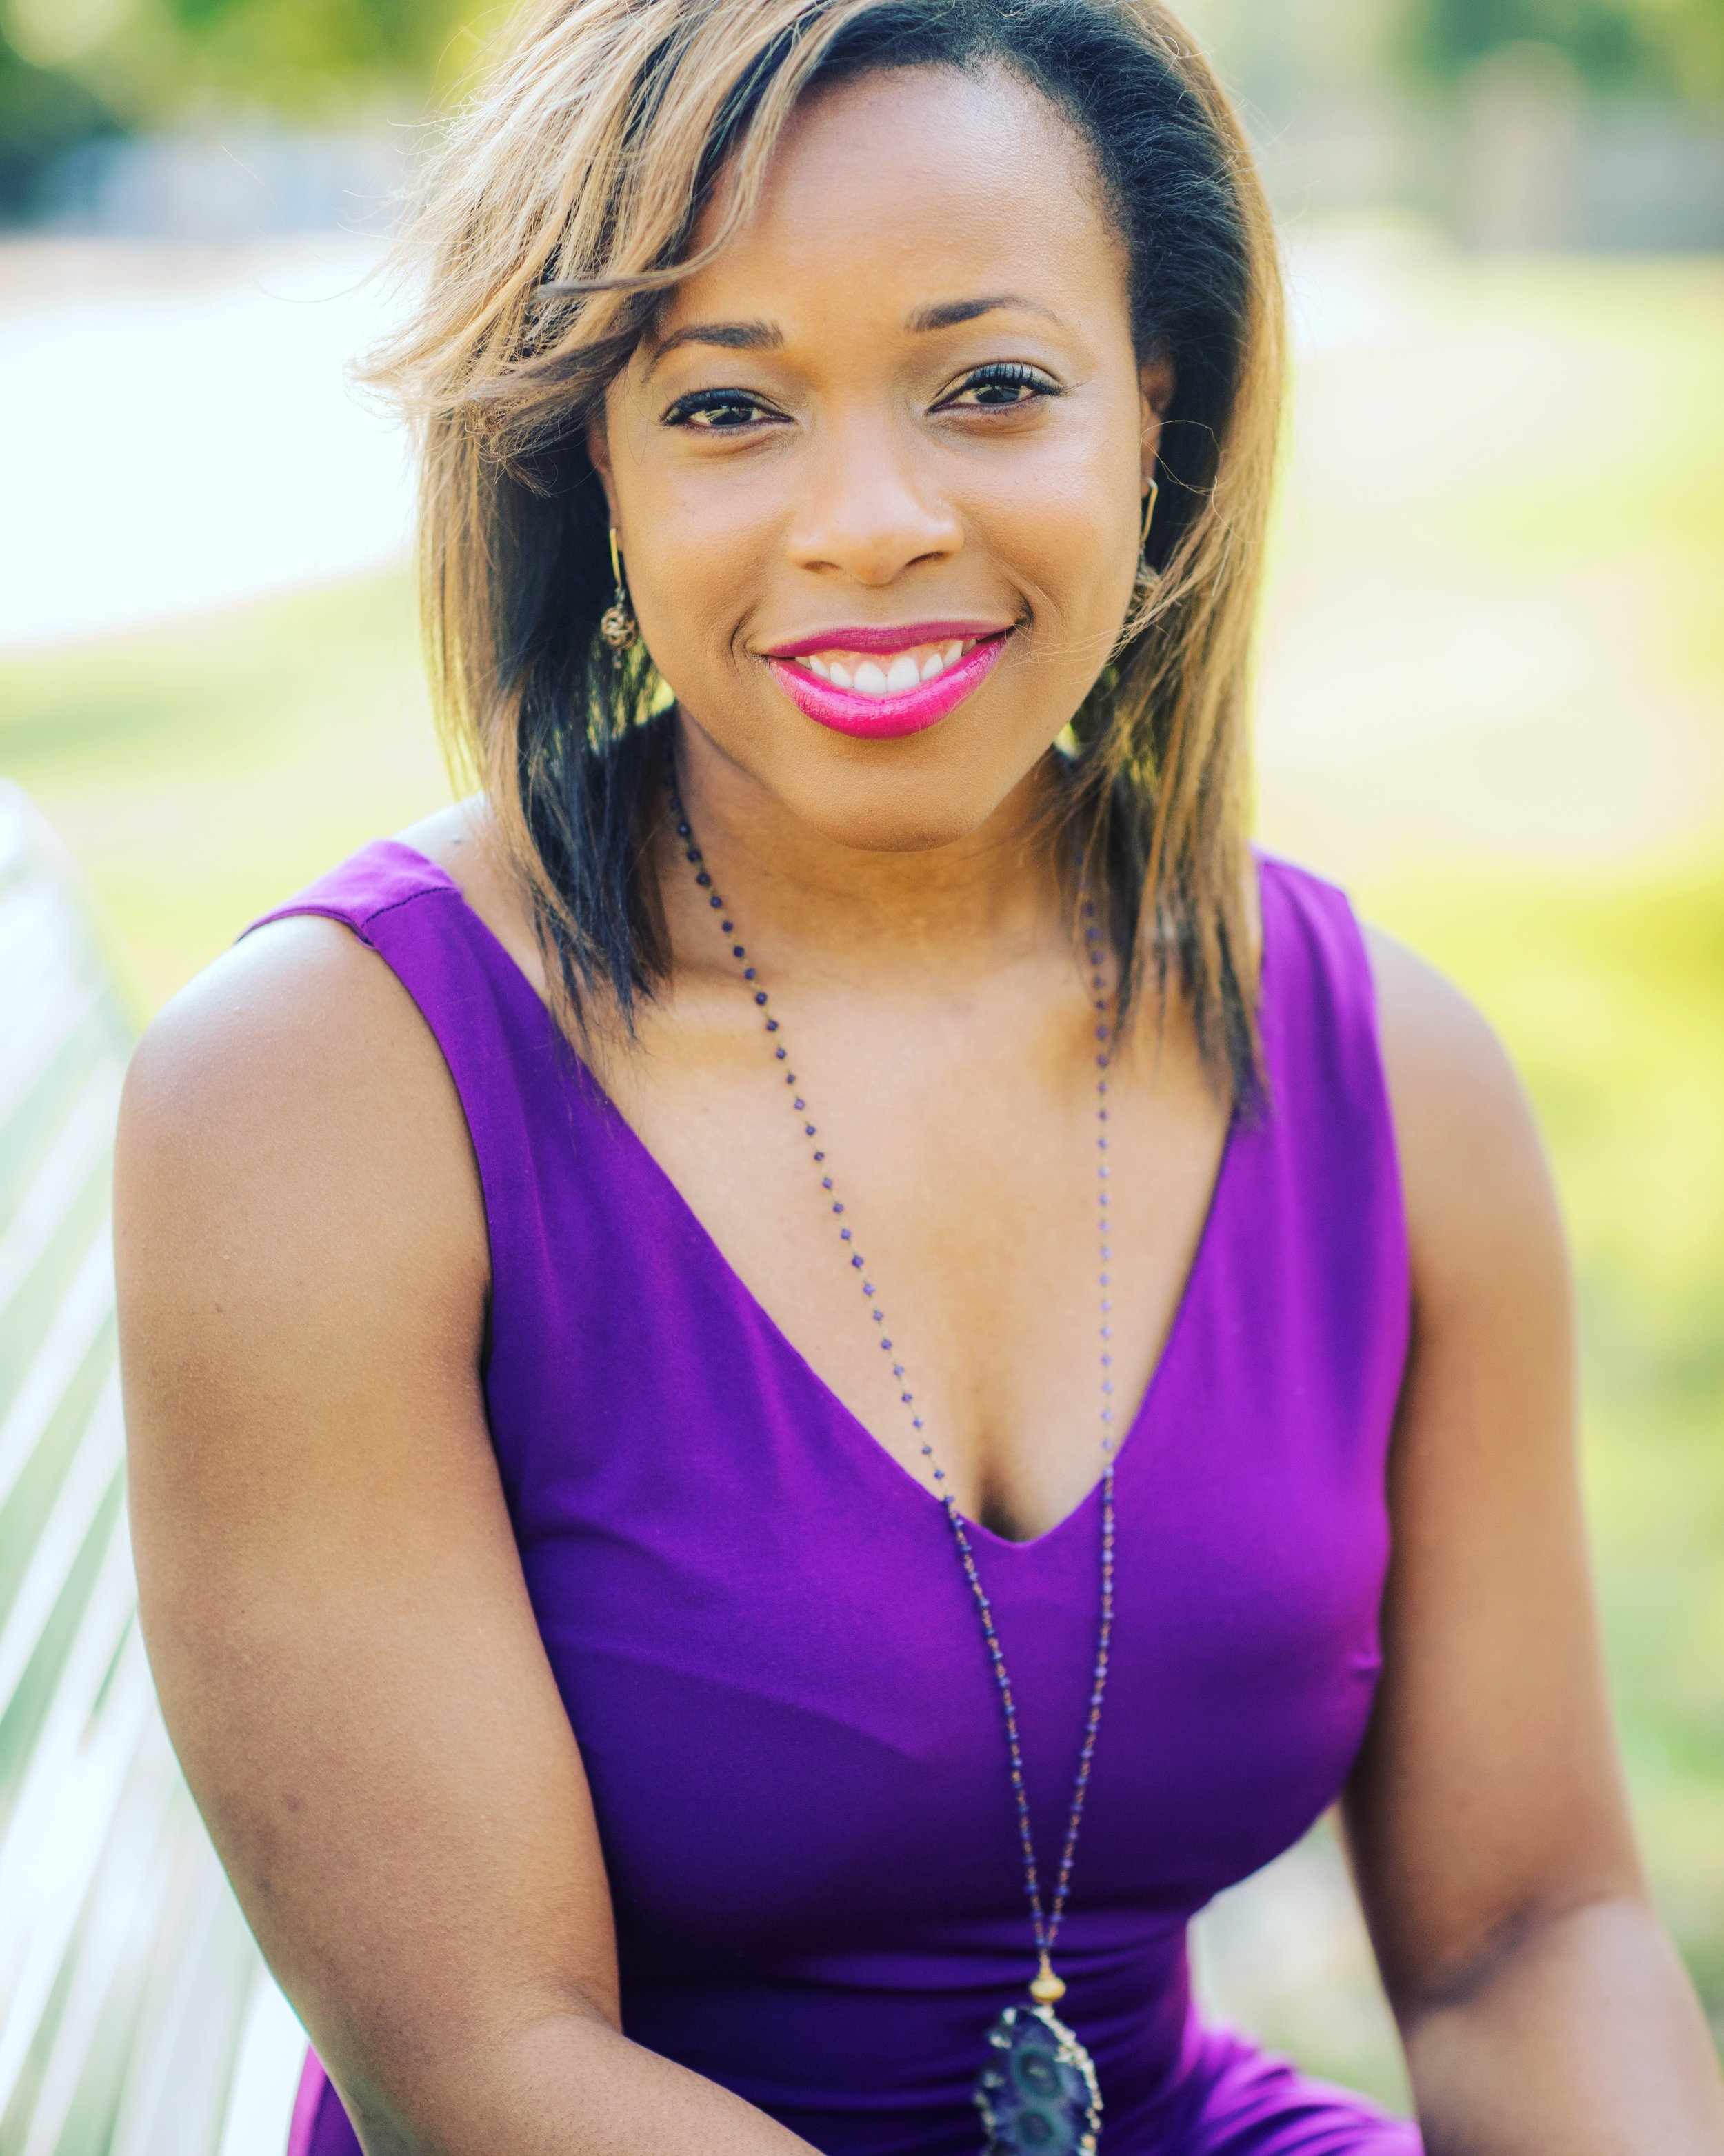 Roshawnna Novellus. Photo by J. Braxton Photography